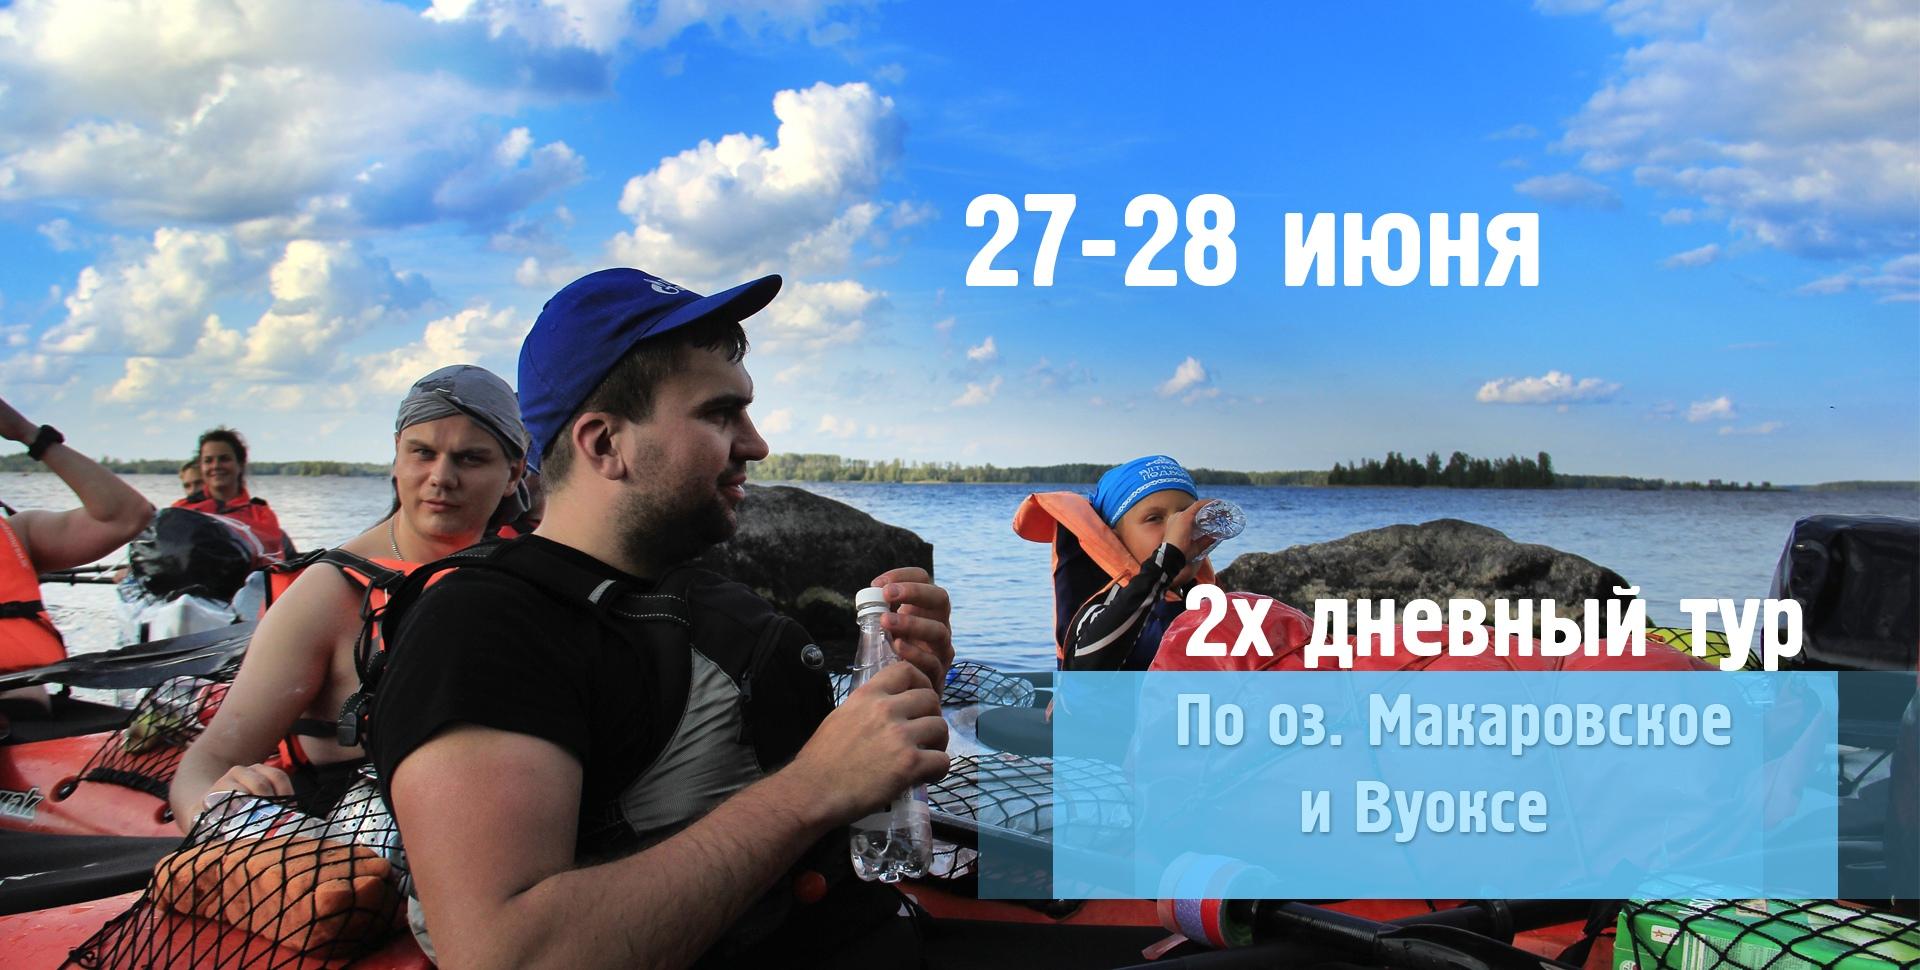 Двухдневный поход по озеру Макаровское и р. Вуокса в эти выходные, 27-28 июня👍🏻